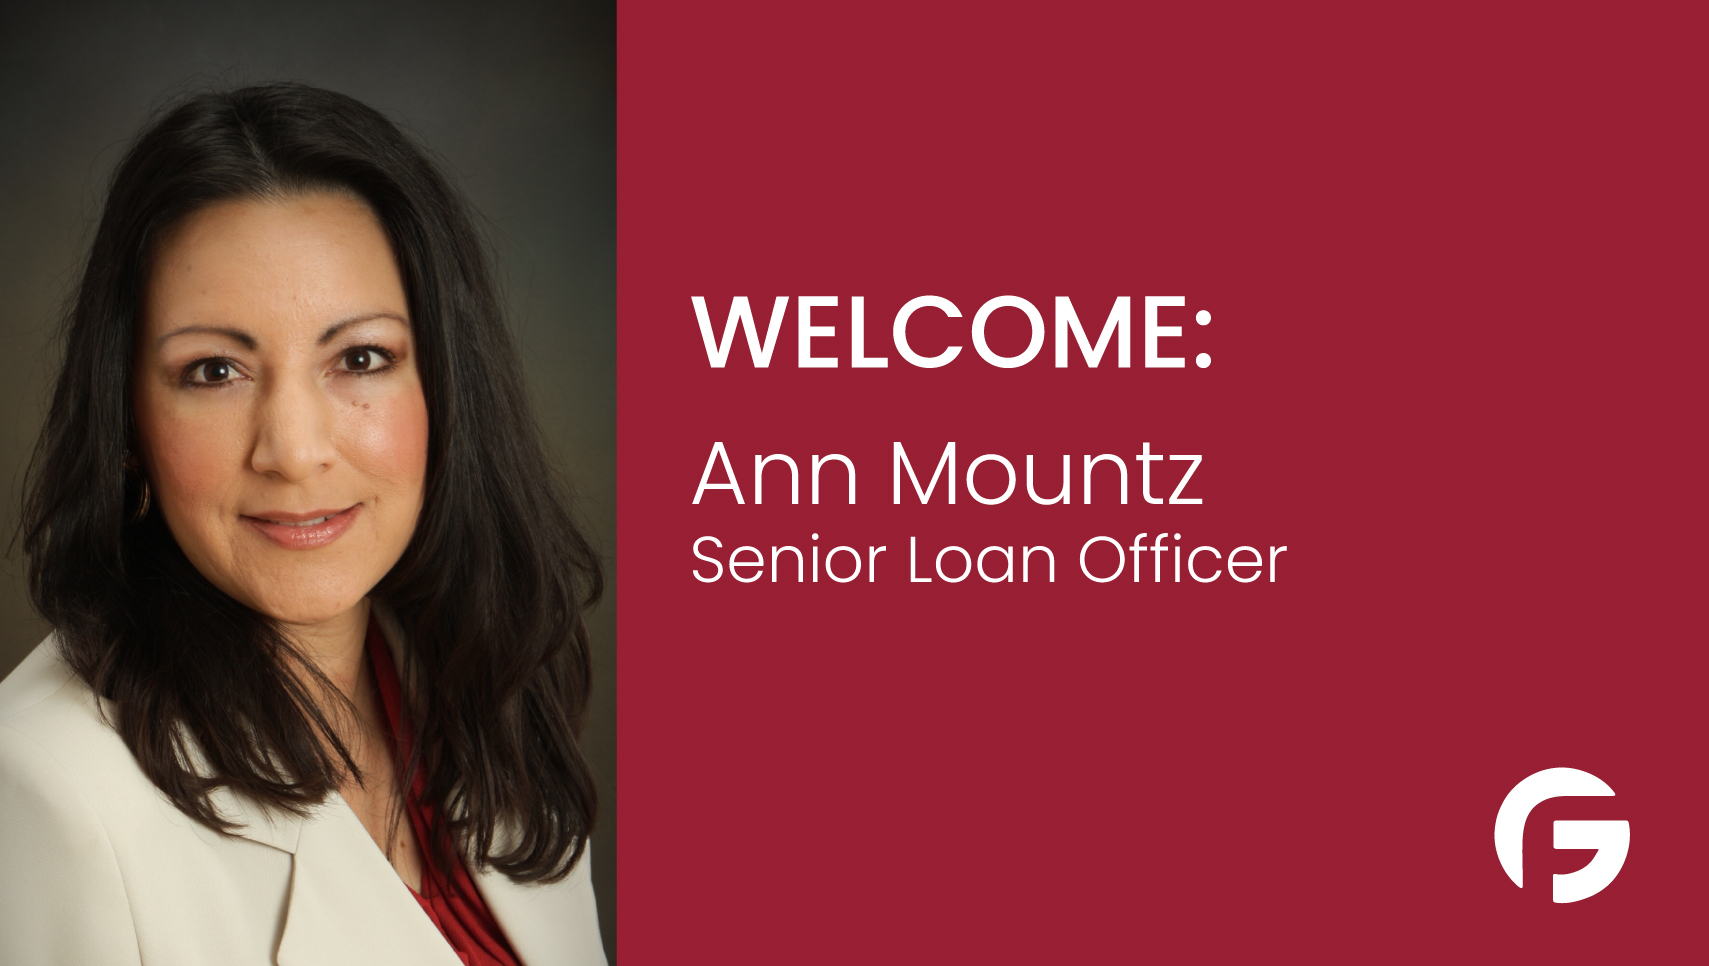 Ann Mountz Sr. Loan Originator, Phoenix, Arizona